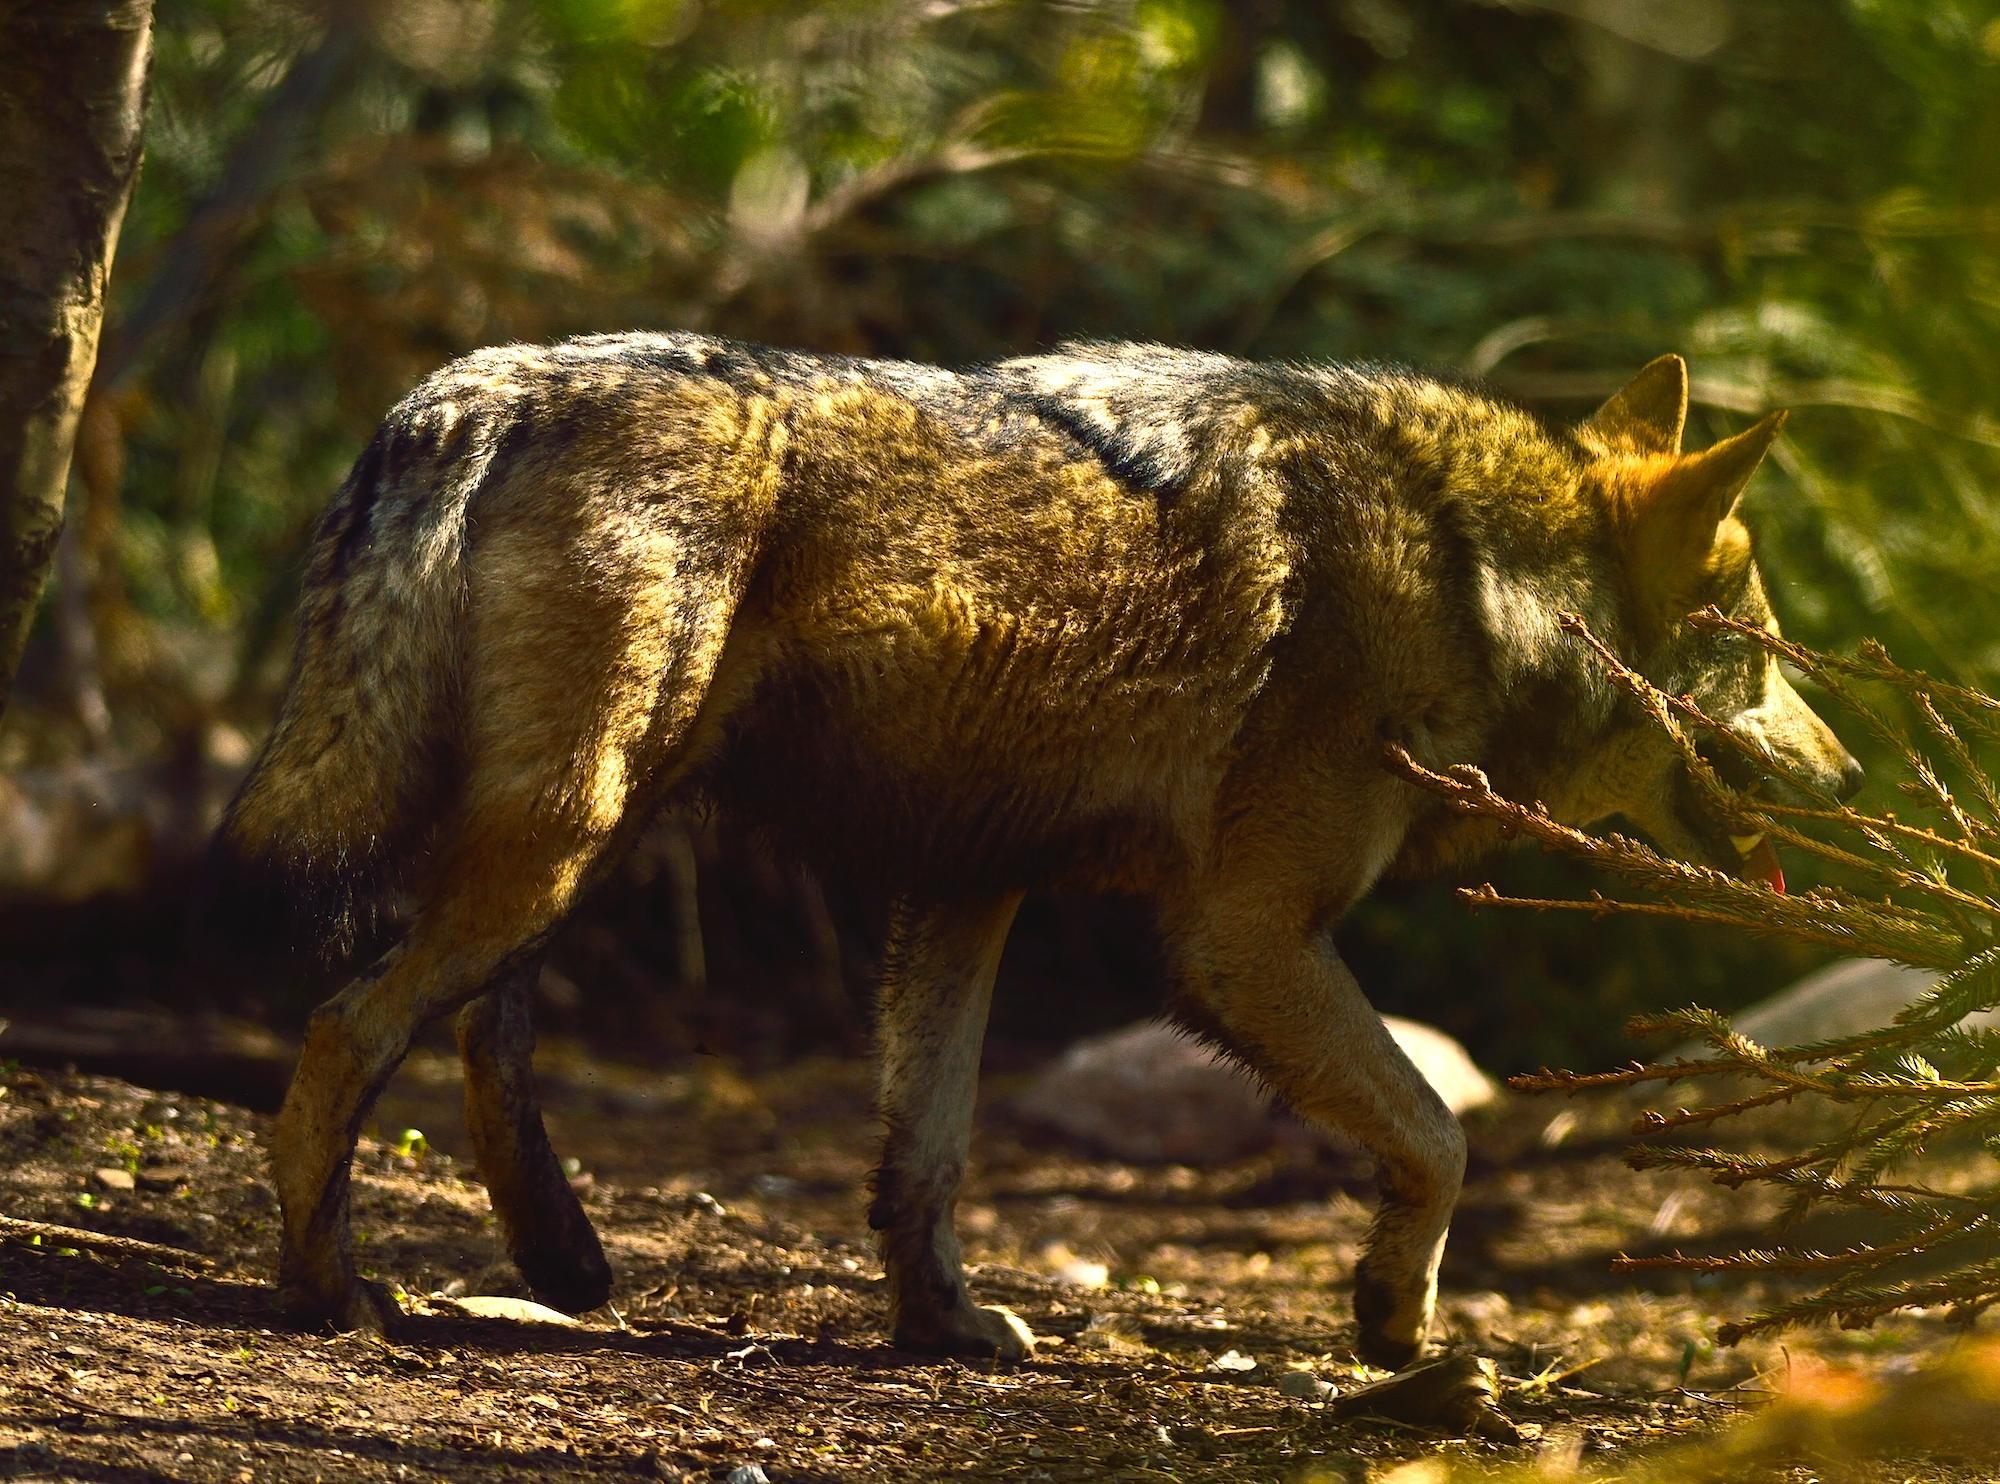 Hvor mange ulve er der i Danmark? 40, 20, 6 eller 4 ...?